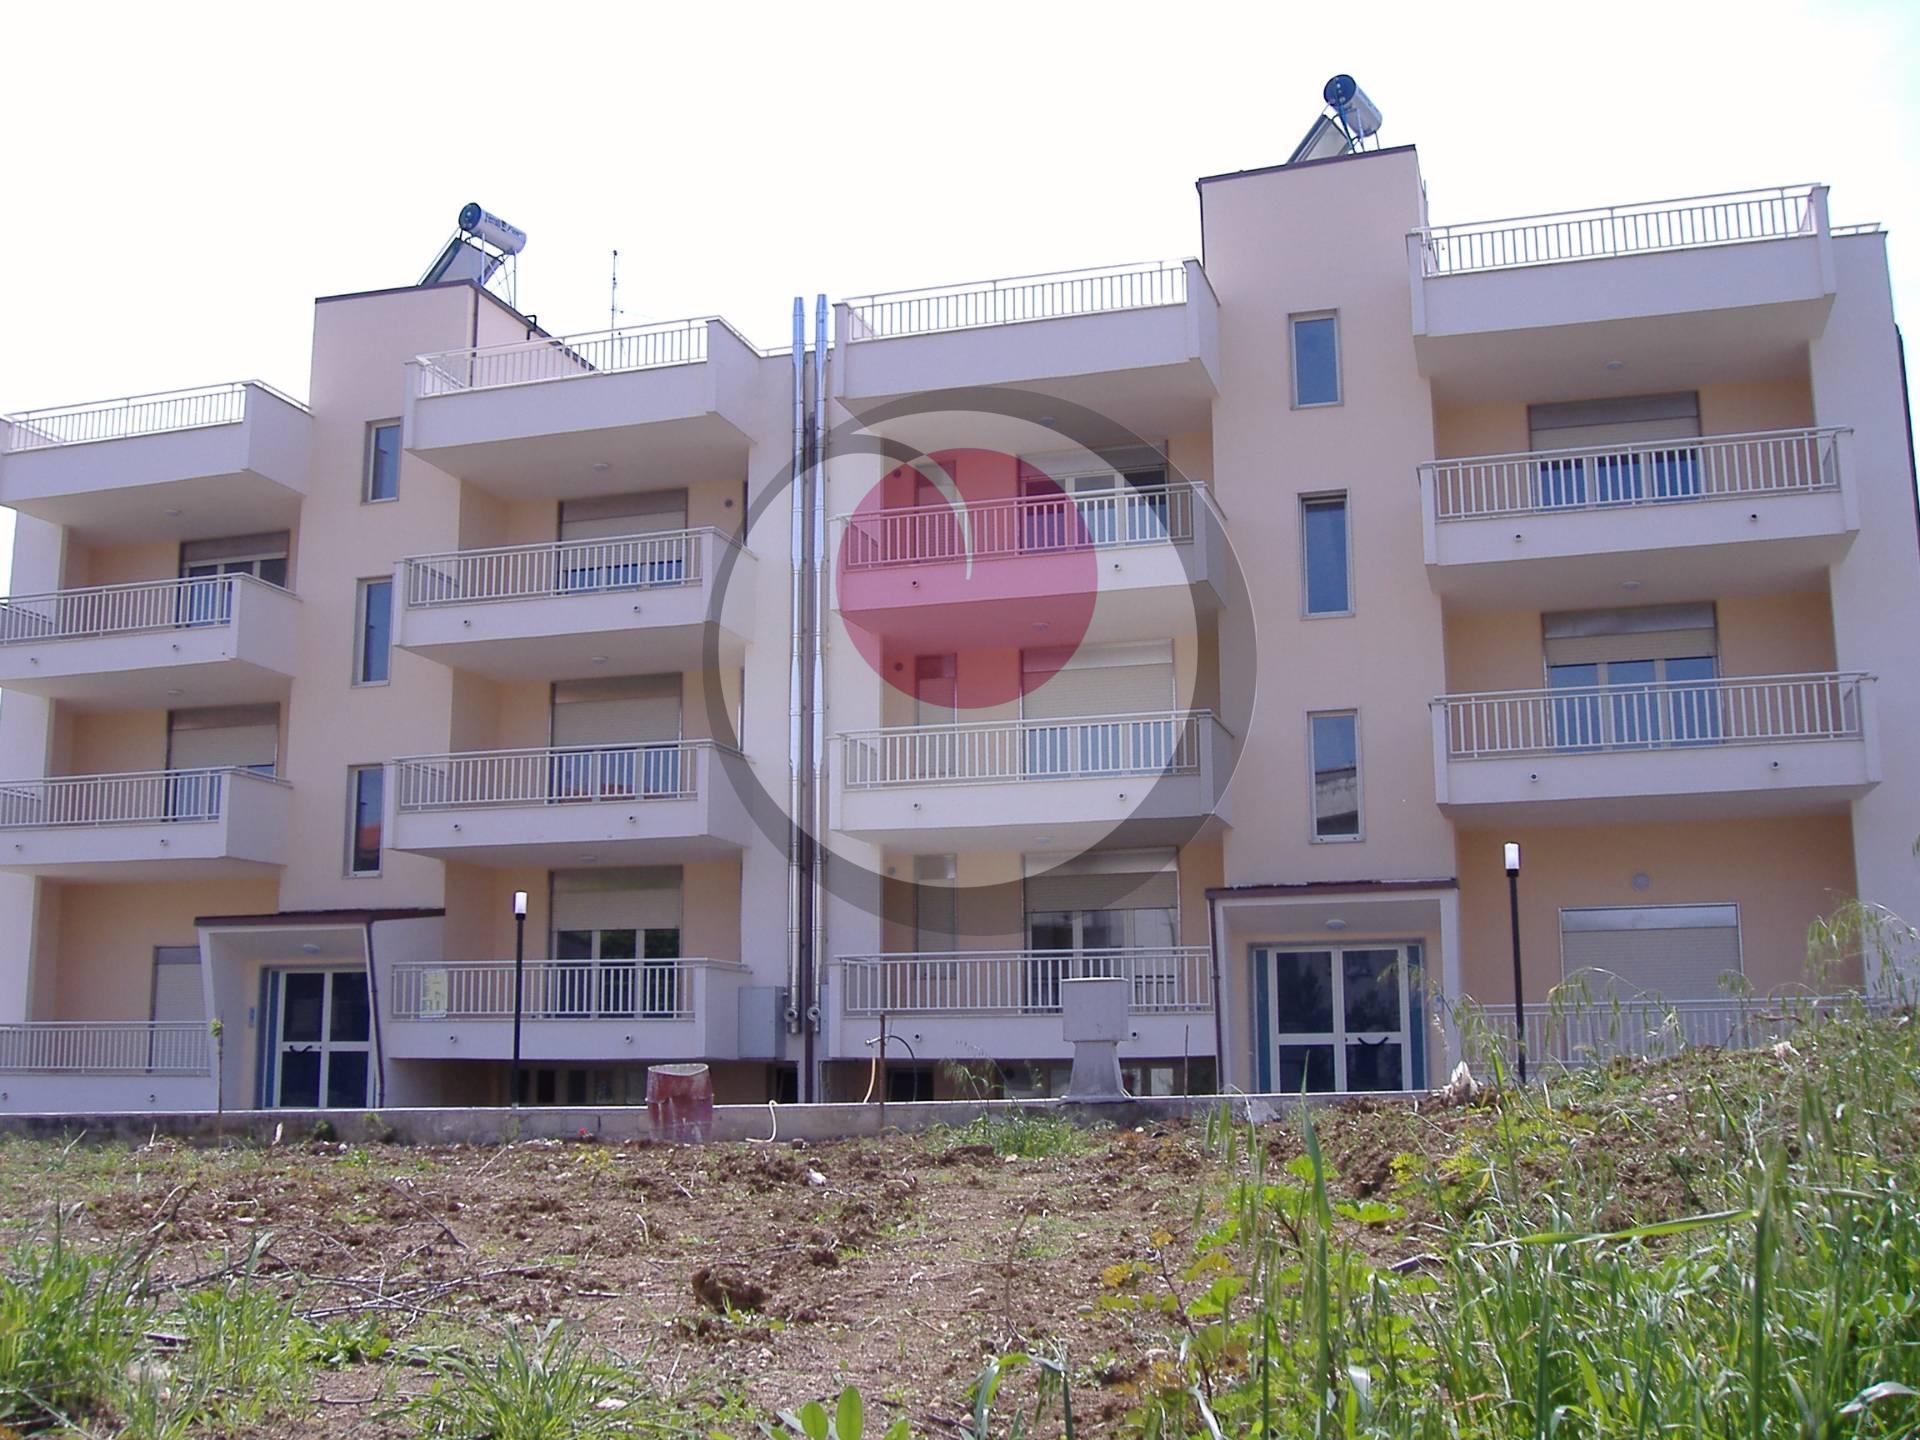 Appartamento in vendita a Fossacesia, 5 locali, prezzo € 115.000 | CambioCasa.it